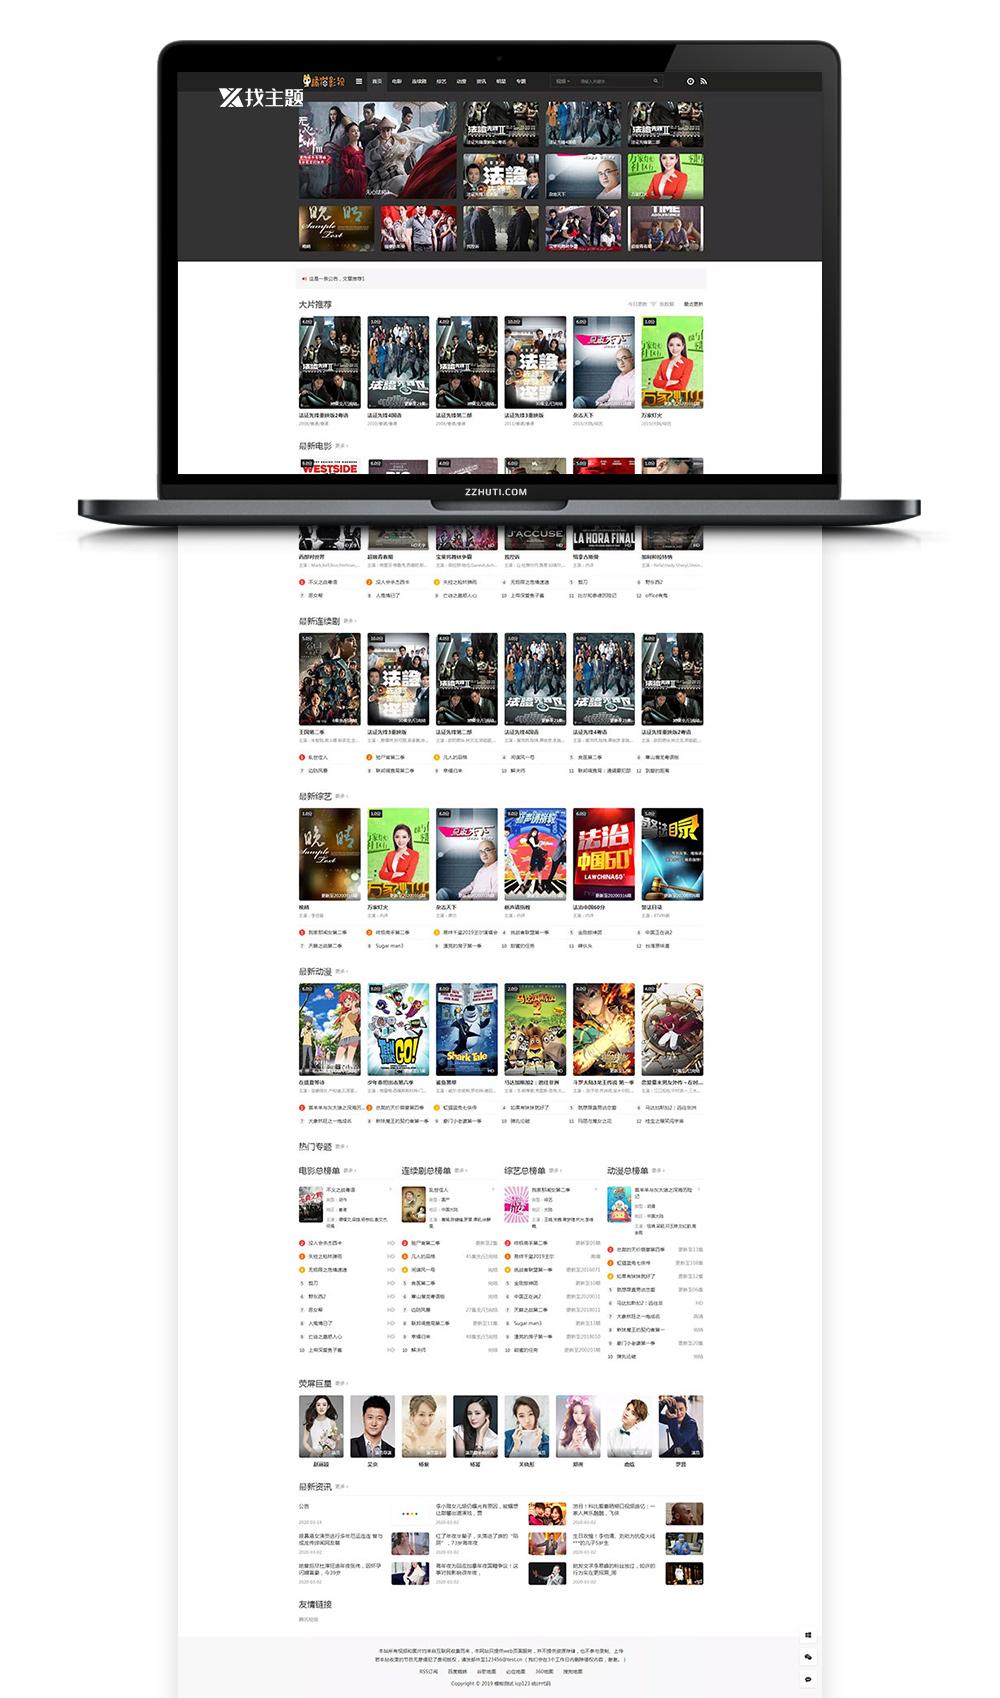 【苹果cmsV10模板】小屏精致灰色风格首涂第二十六套主题模板 带后台无加密版-酷网站源码